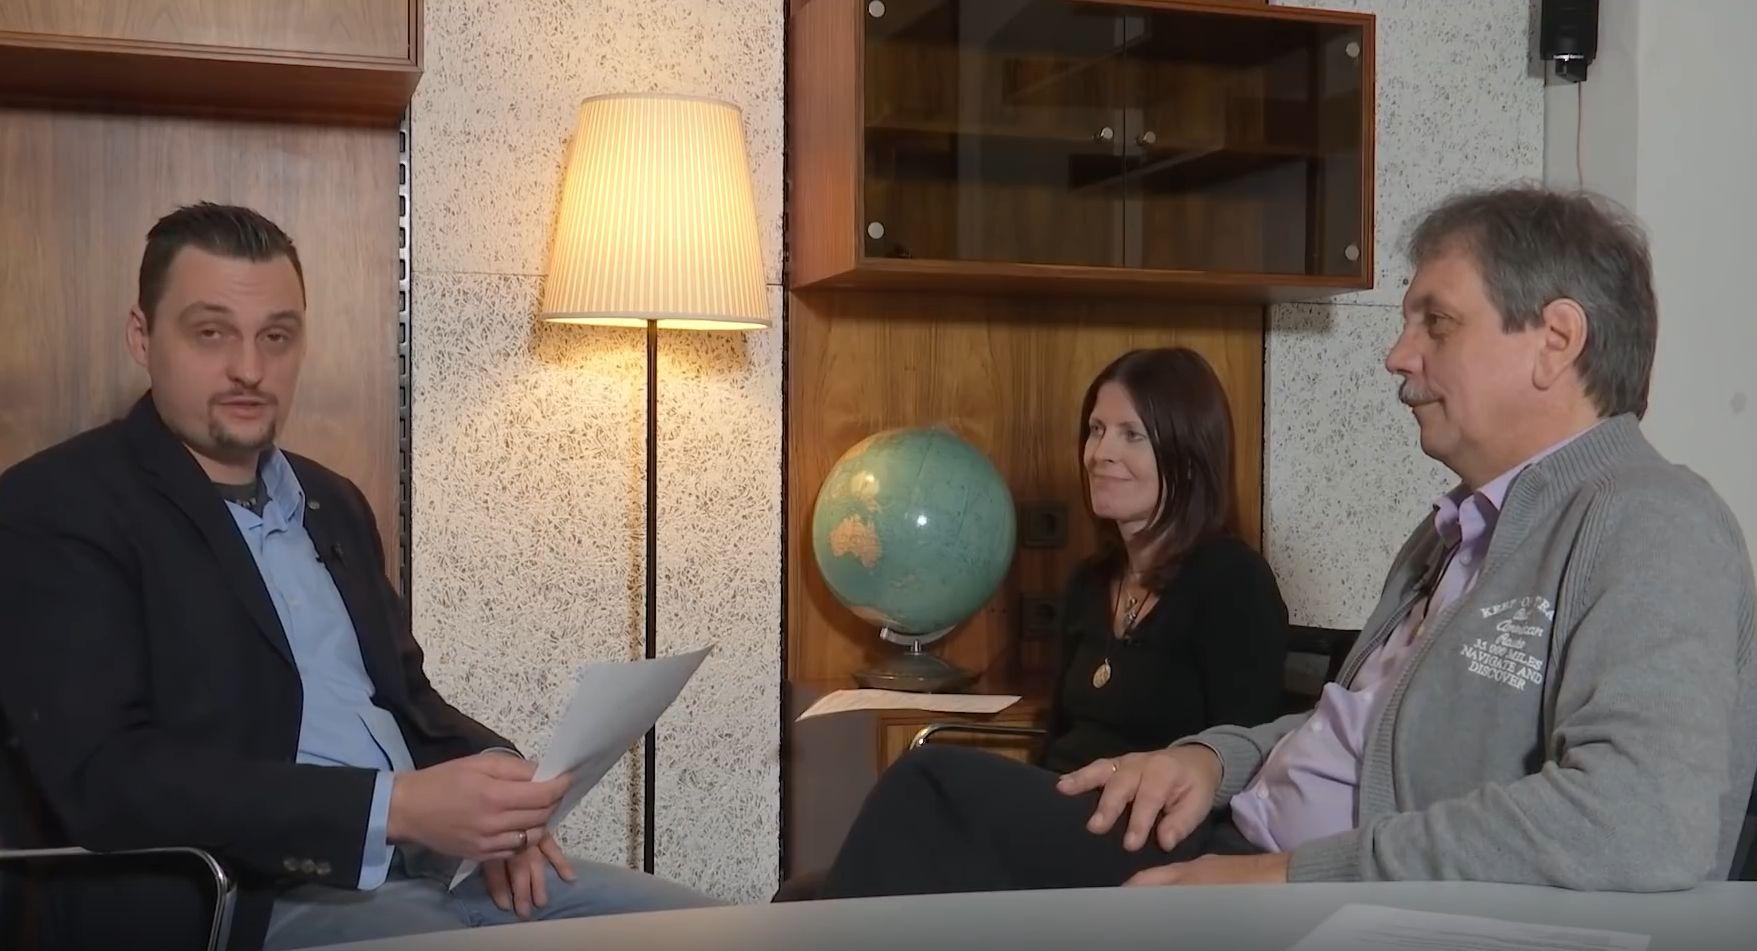 Mythen im Gespräch: Telepathie - Die ganzheitliche Kommunikation